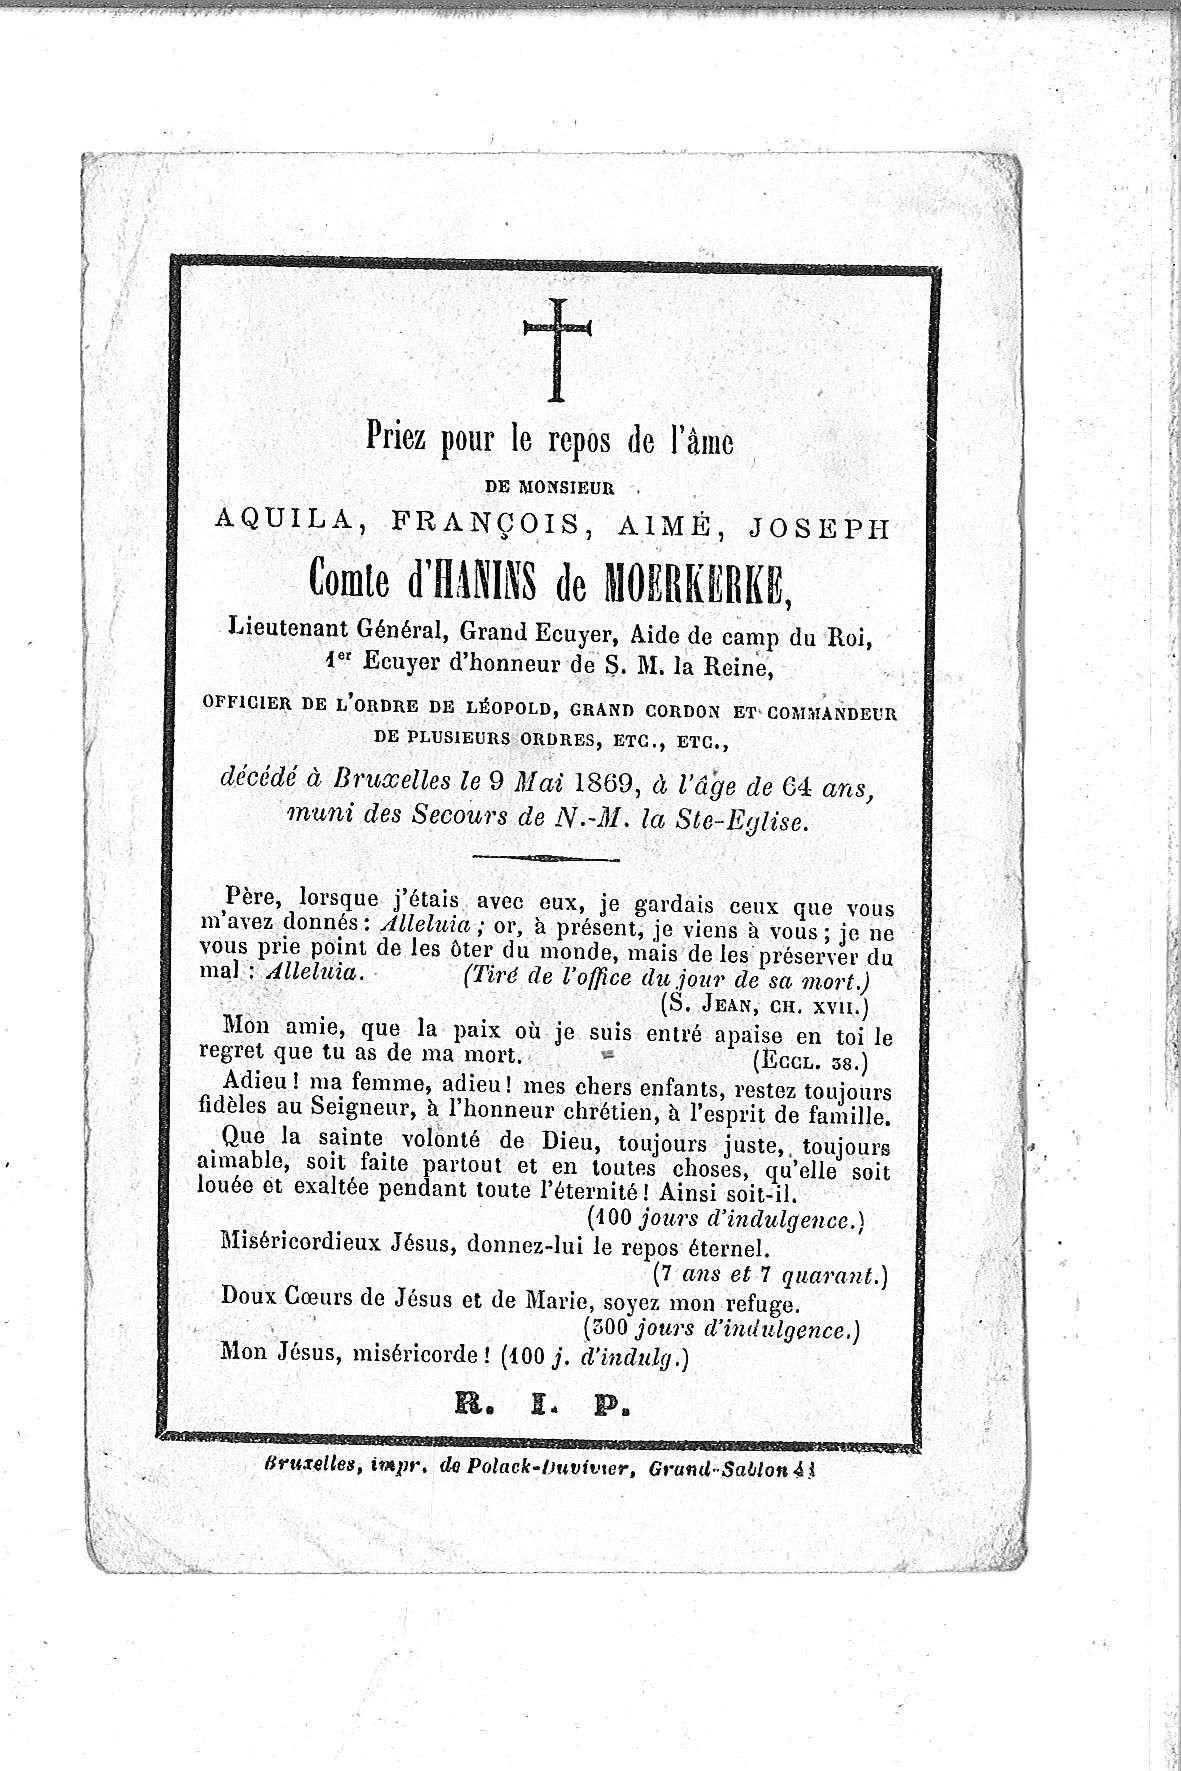 Aquila-François-Aimé-Joseph-(1869)-20121025143433_00009.jpg